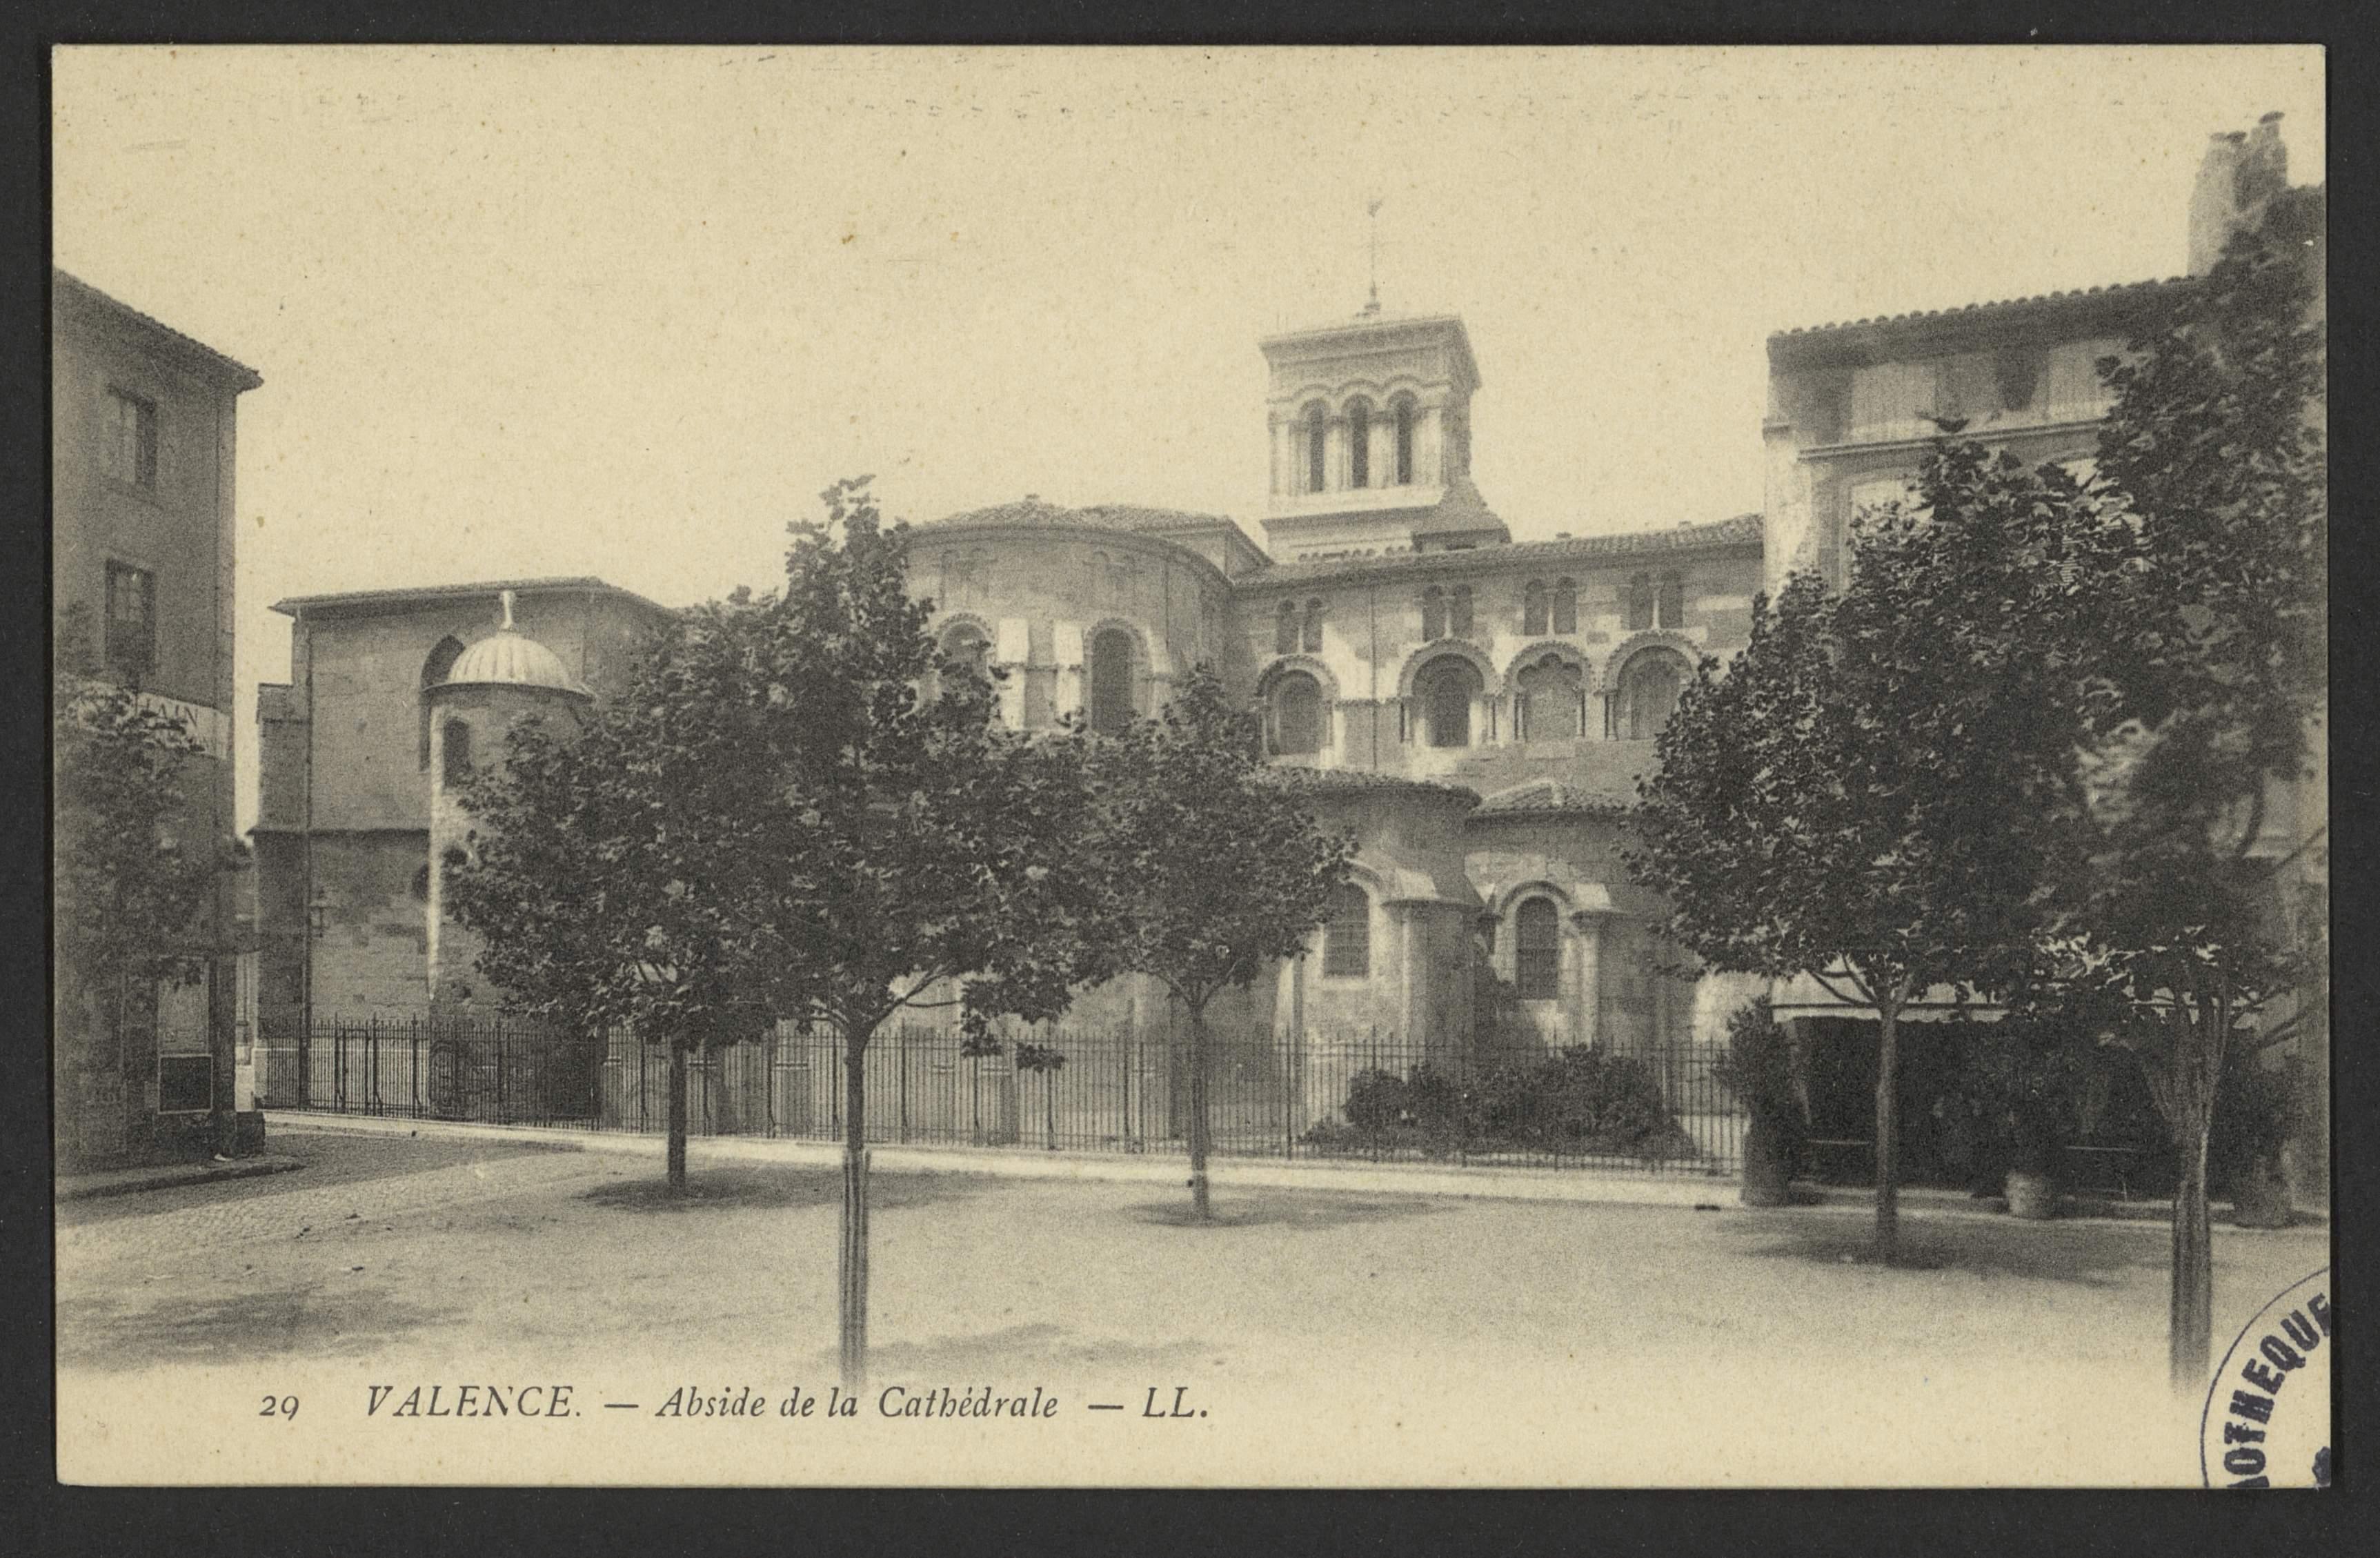 Valence - Abside de la Cathédrale